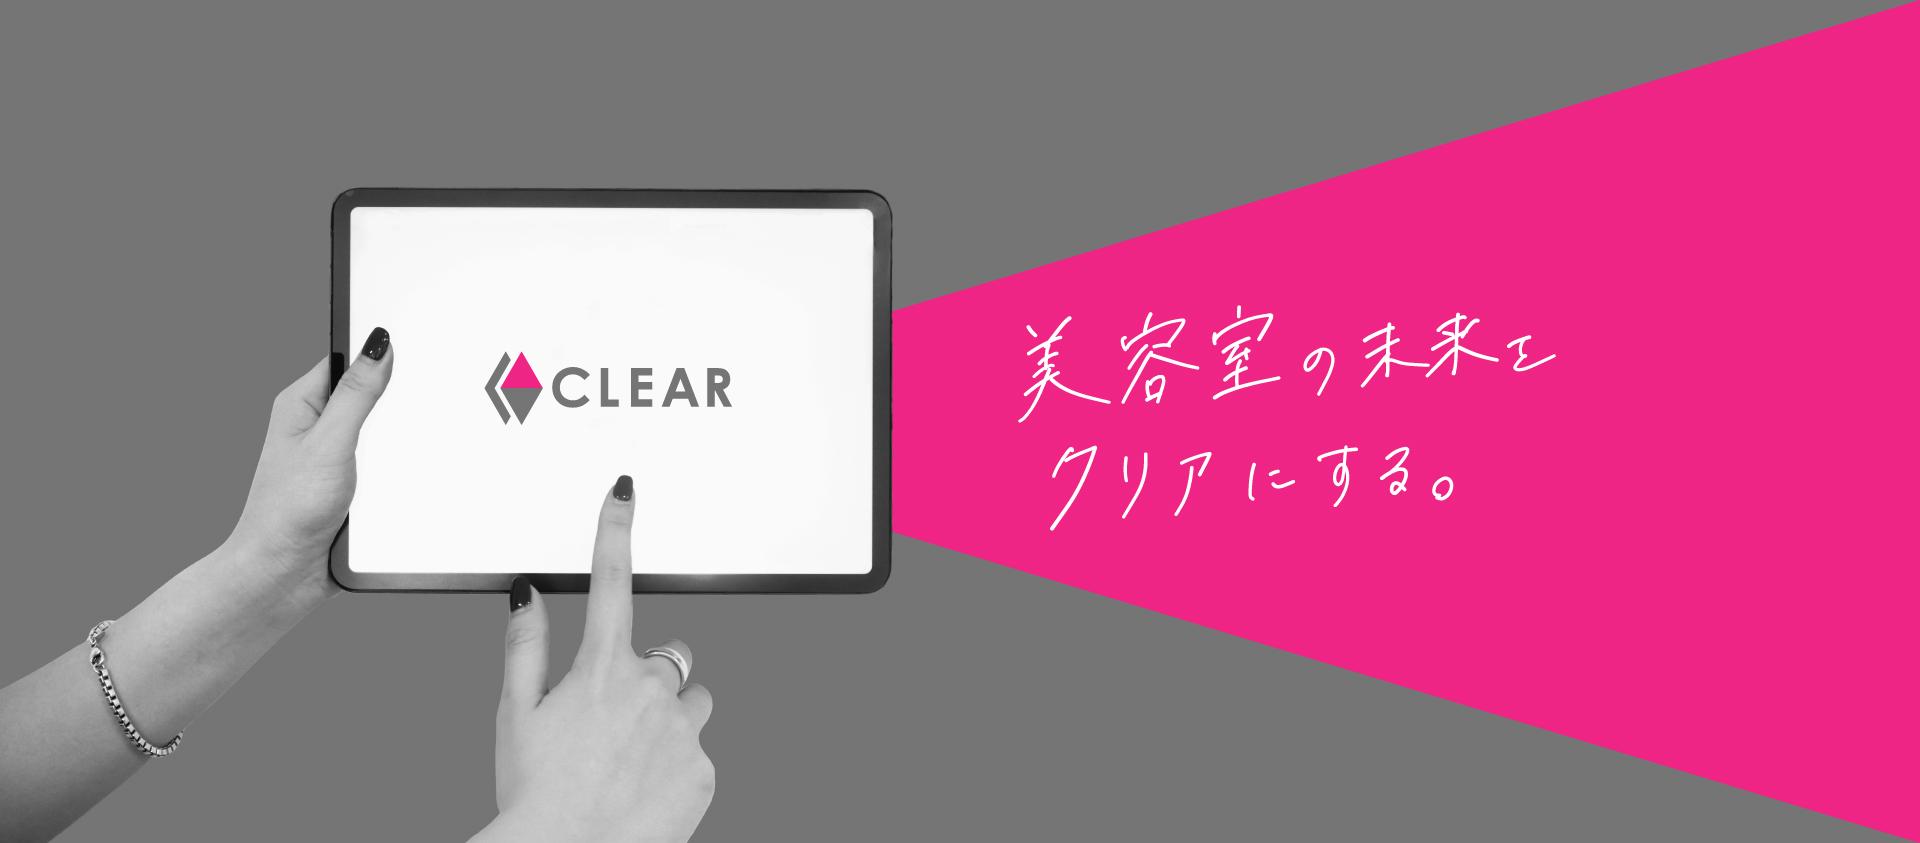 CLEAR POS(クリアポス) 美容室の未来をクリアにする